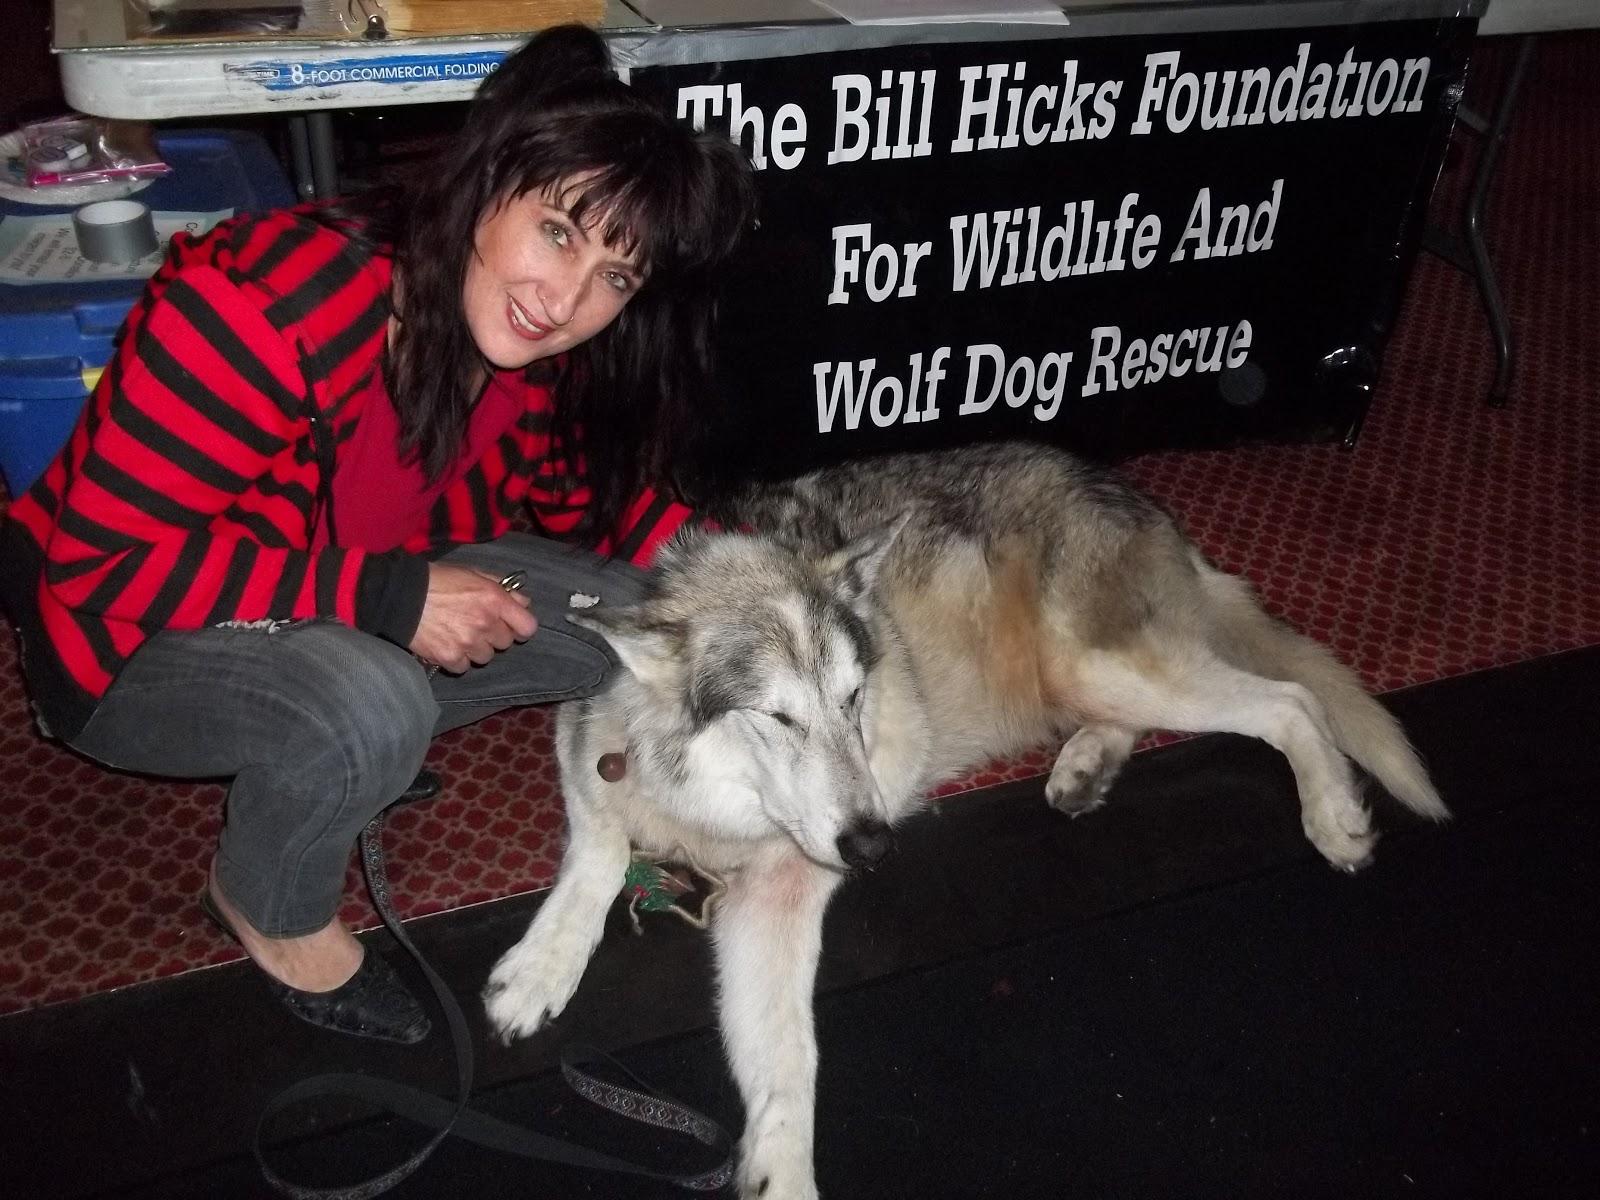 Bill hicks wildlife foundation